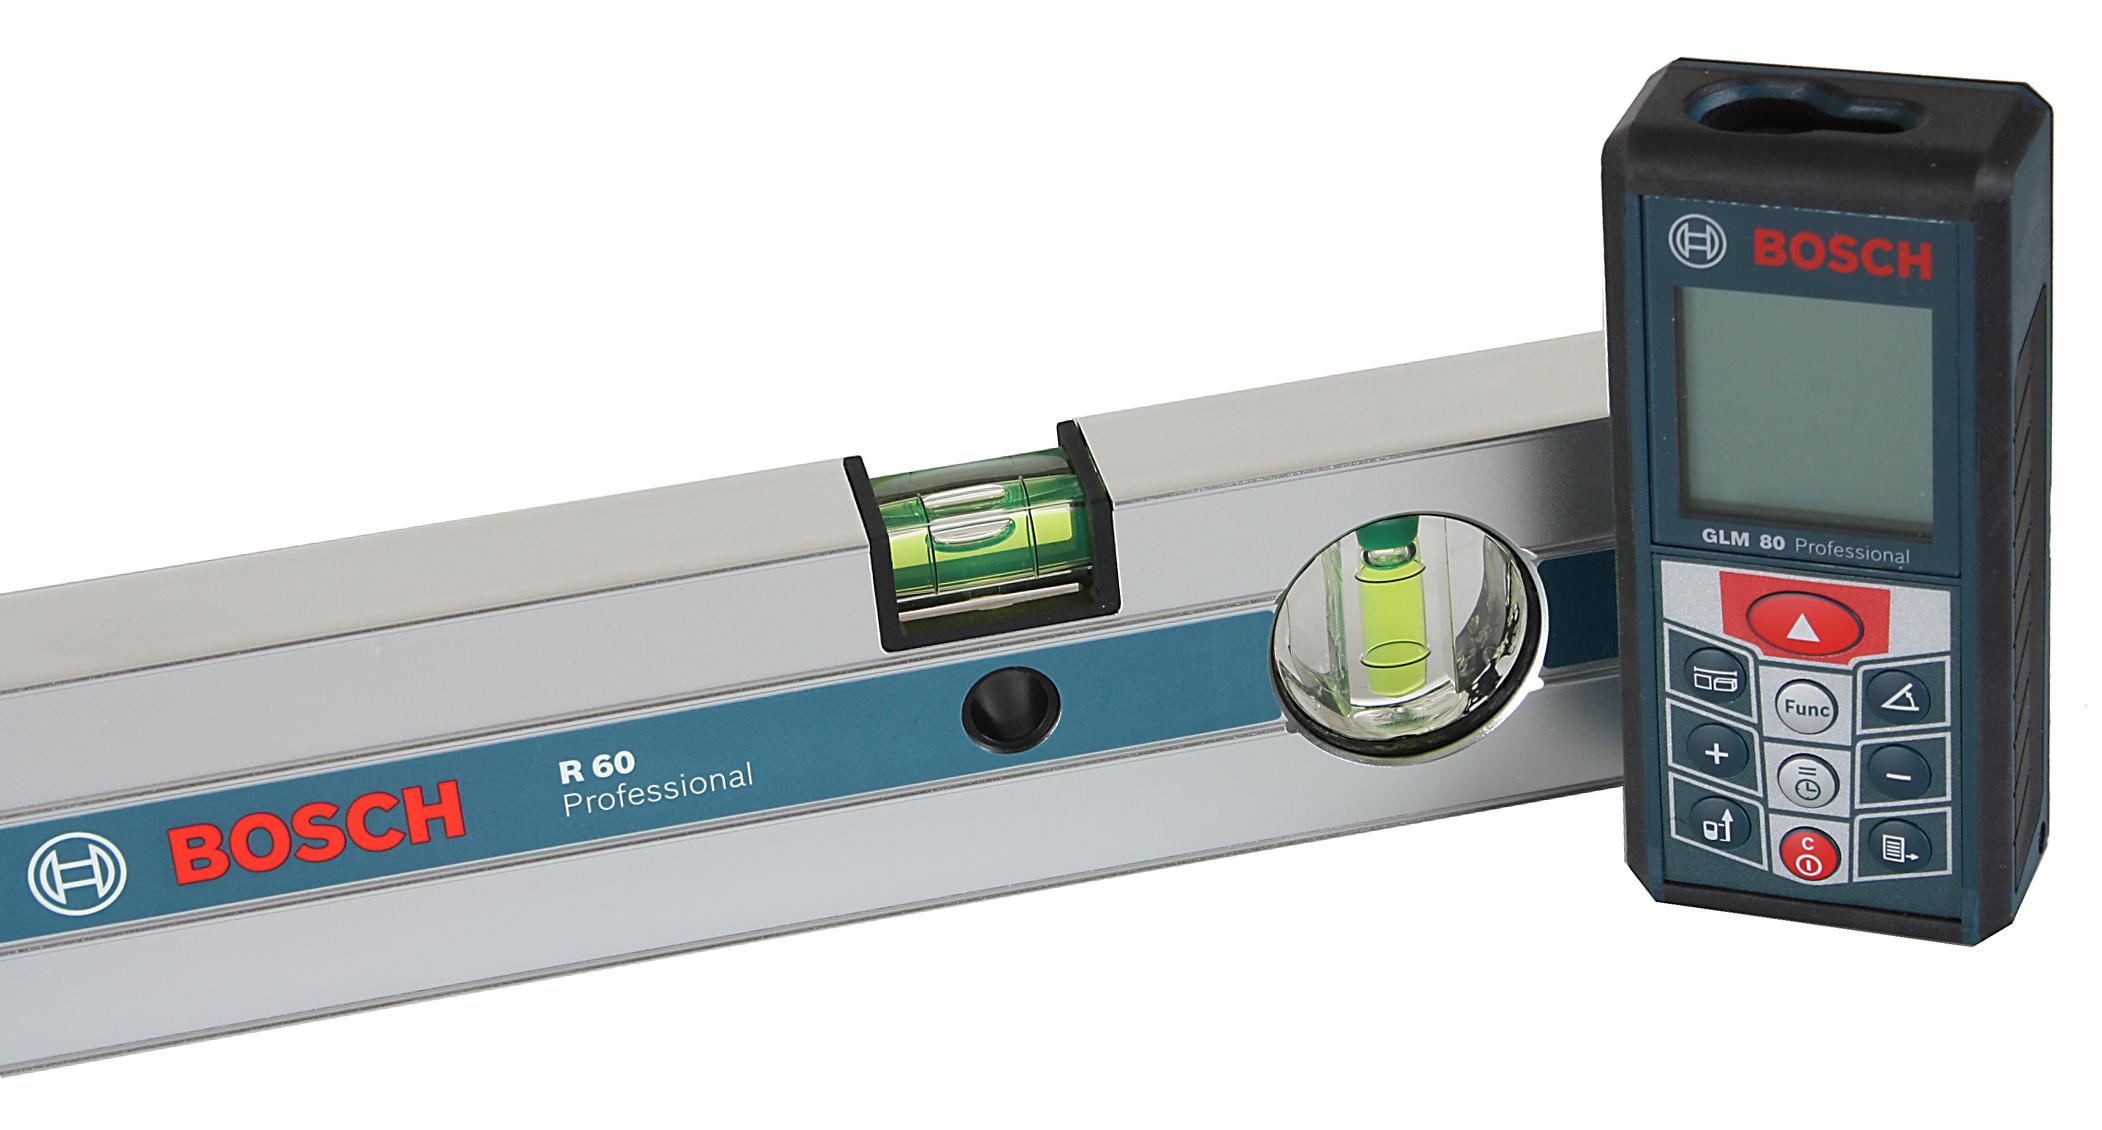 Entfernungsmesser Für Handy : Die produktbilder datenbank für haushalt werkzeug